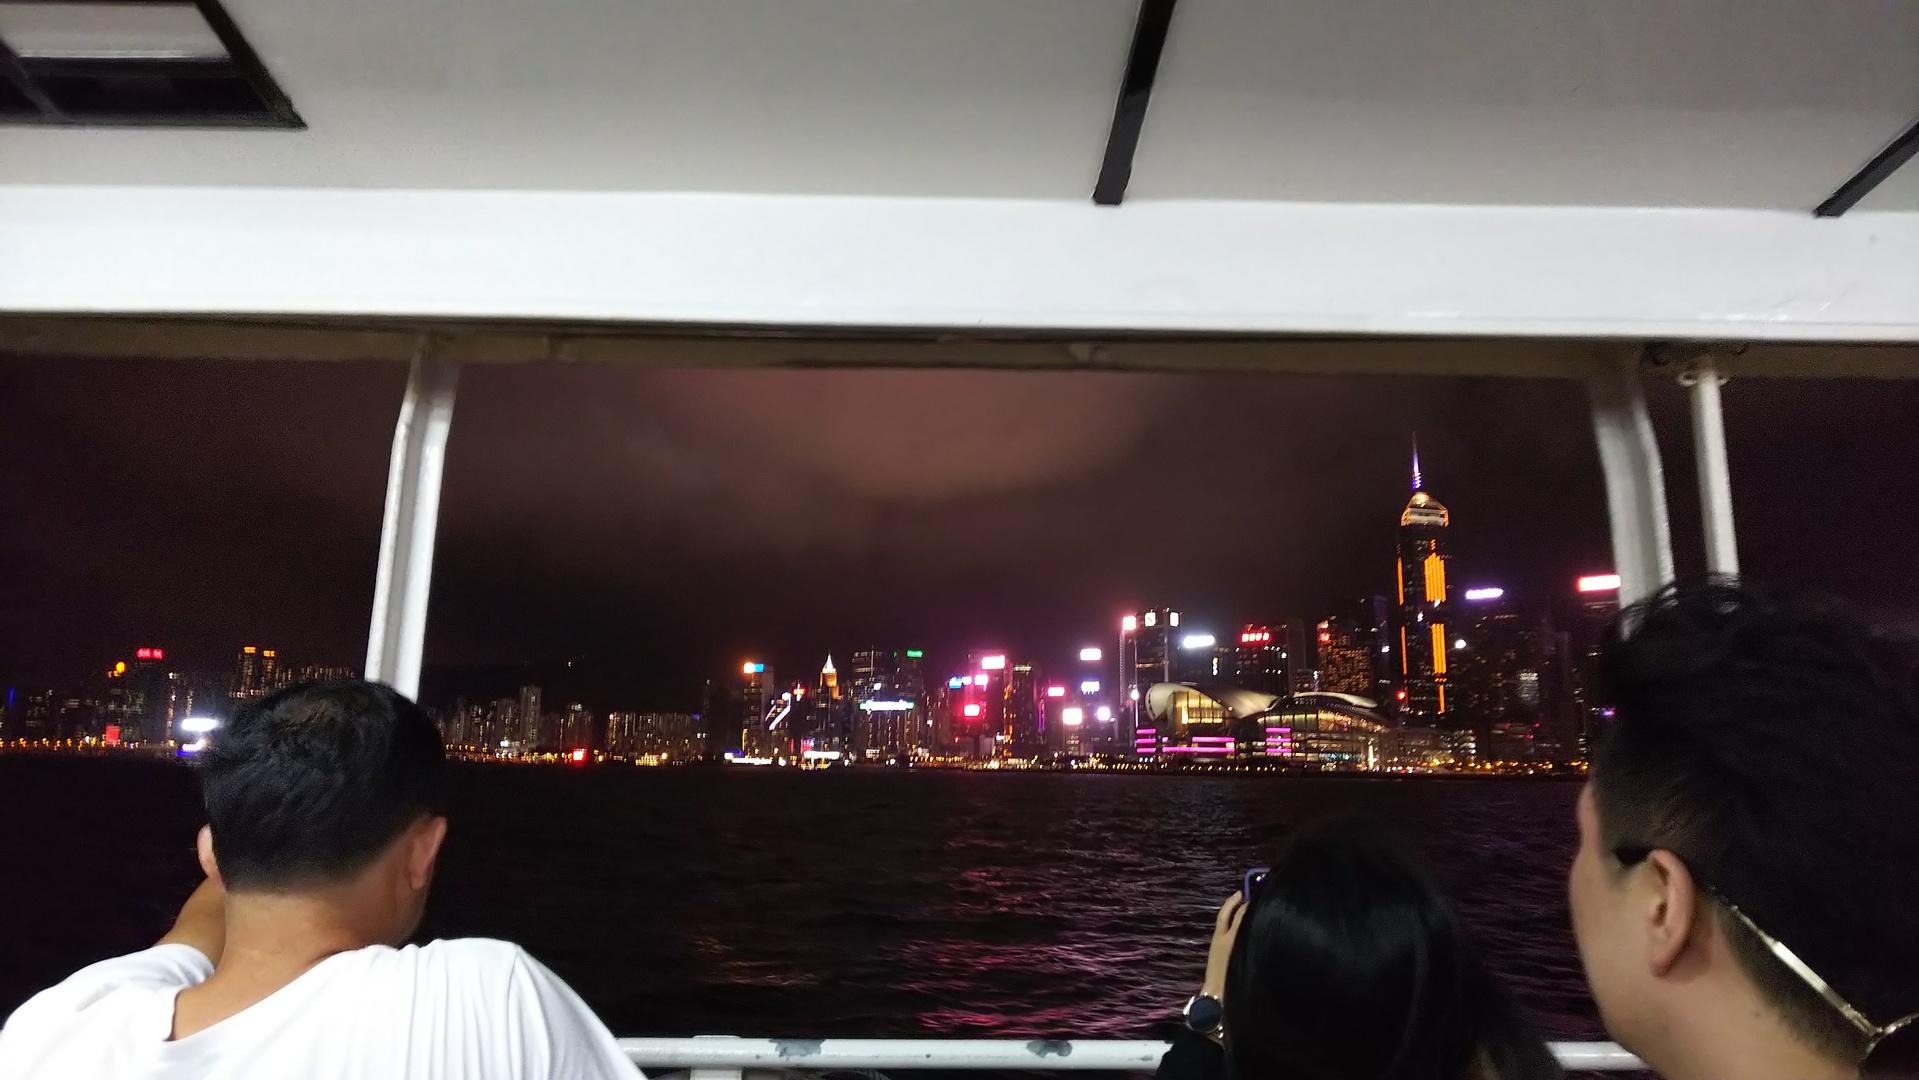 一組だけの参加の為か、現地の香港っぽい作りの店を期待していたのですが、普通のファミレスみたいな作りの店でした。味は美味しかったですですが、少々期待外れでした。 シンフォニーオブライツは期待するほどでは無かったがスターフェリー、ピークトラムにも乗車出来て夜景も色々な角度から見れたので満足です。到着初日に参加しましたが、効率良く案内して頂けるのでオススメです。